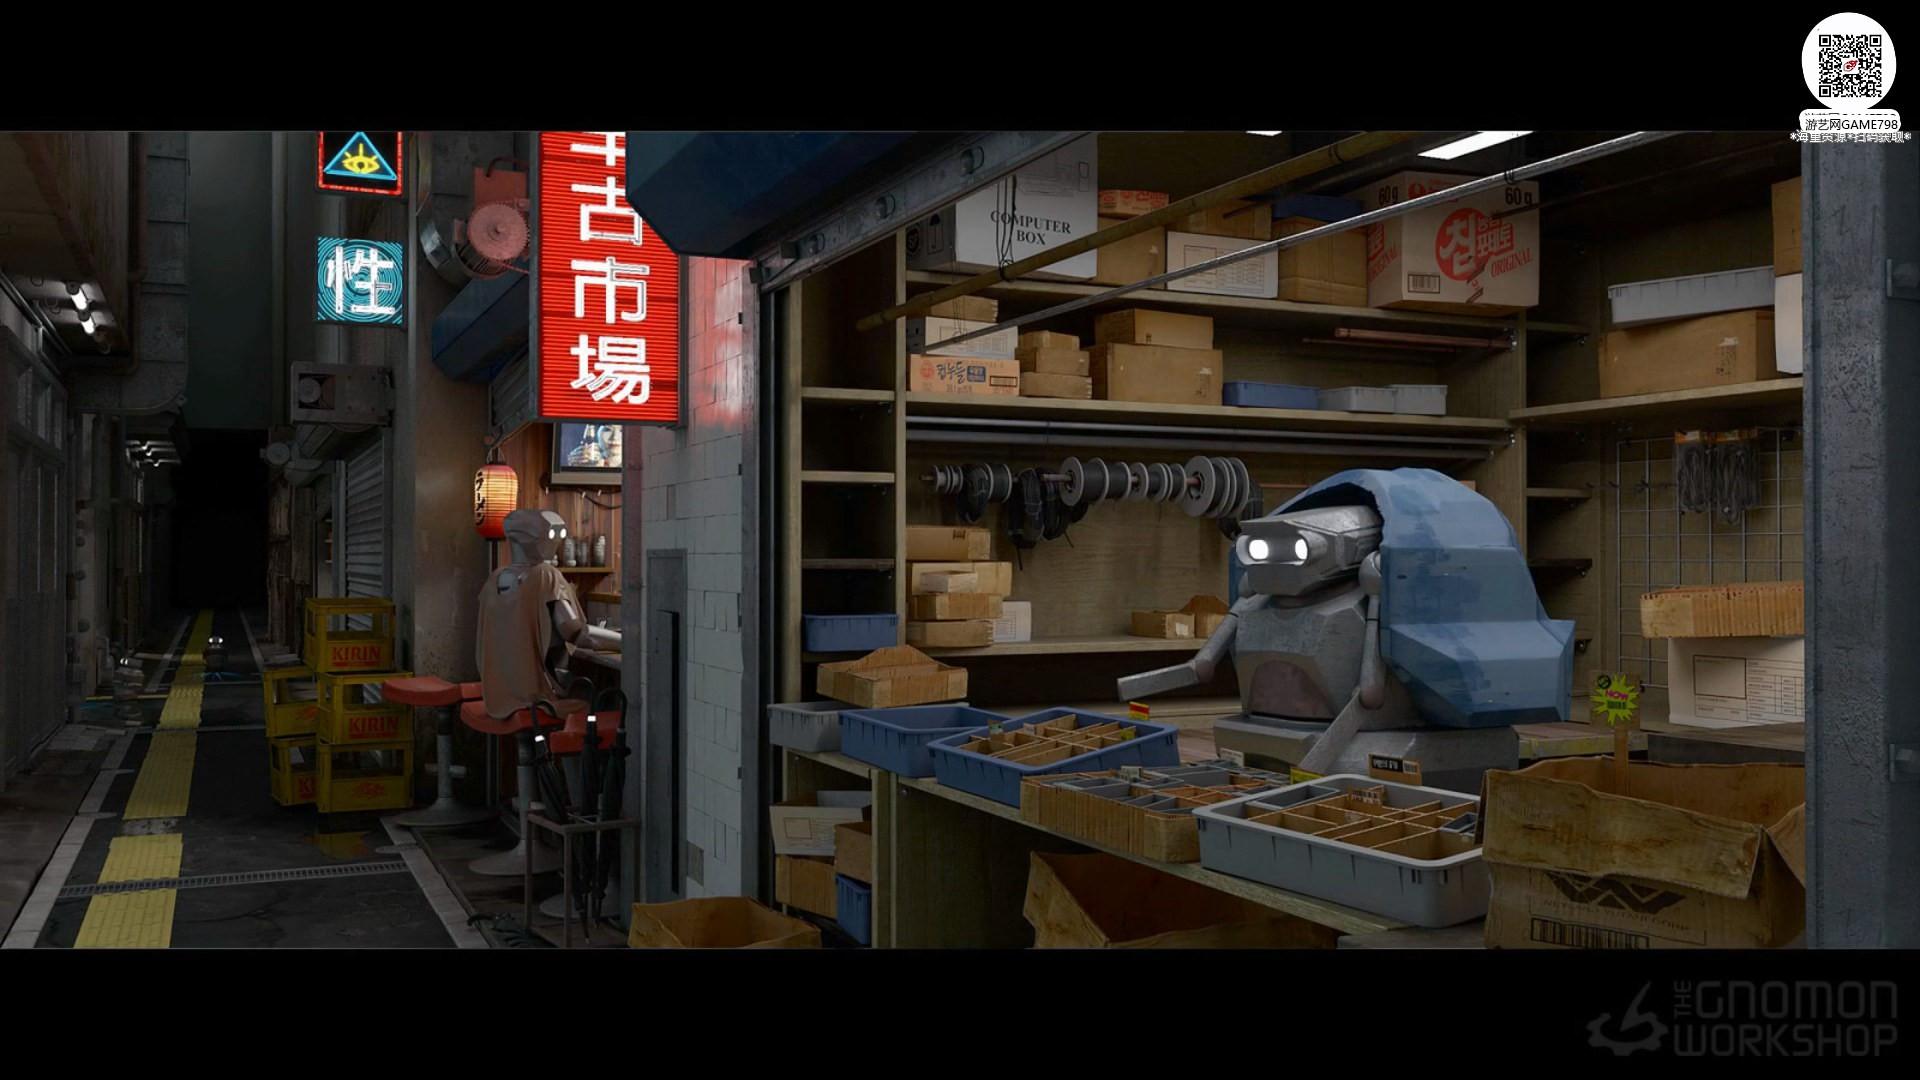 013_关注-游艺网GAME798海量资源下载【视频教程】MAYA制作科幻场景.jpg